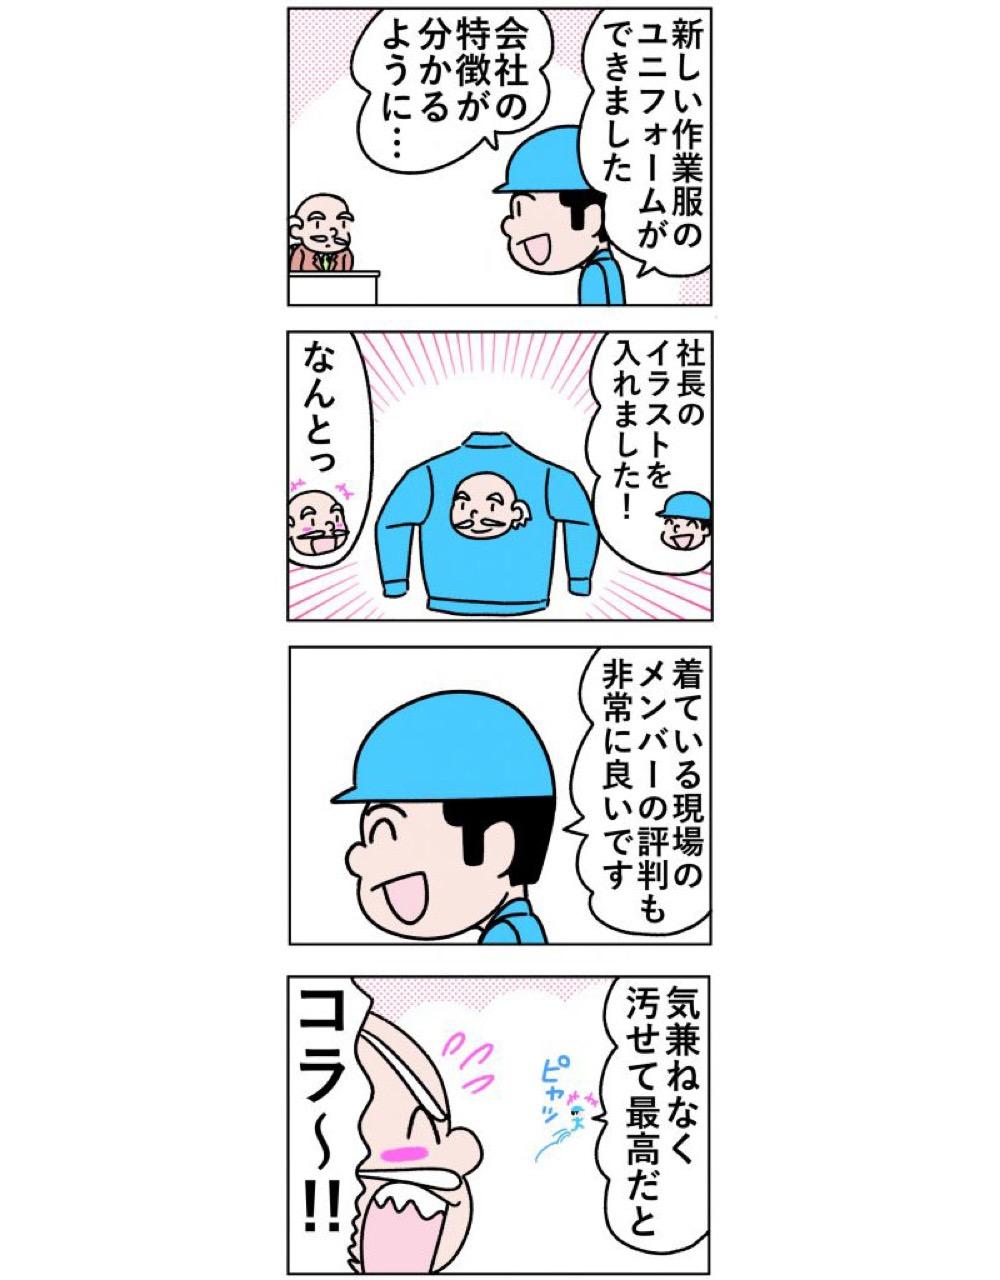 柿内_これからの①_001